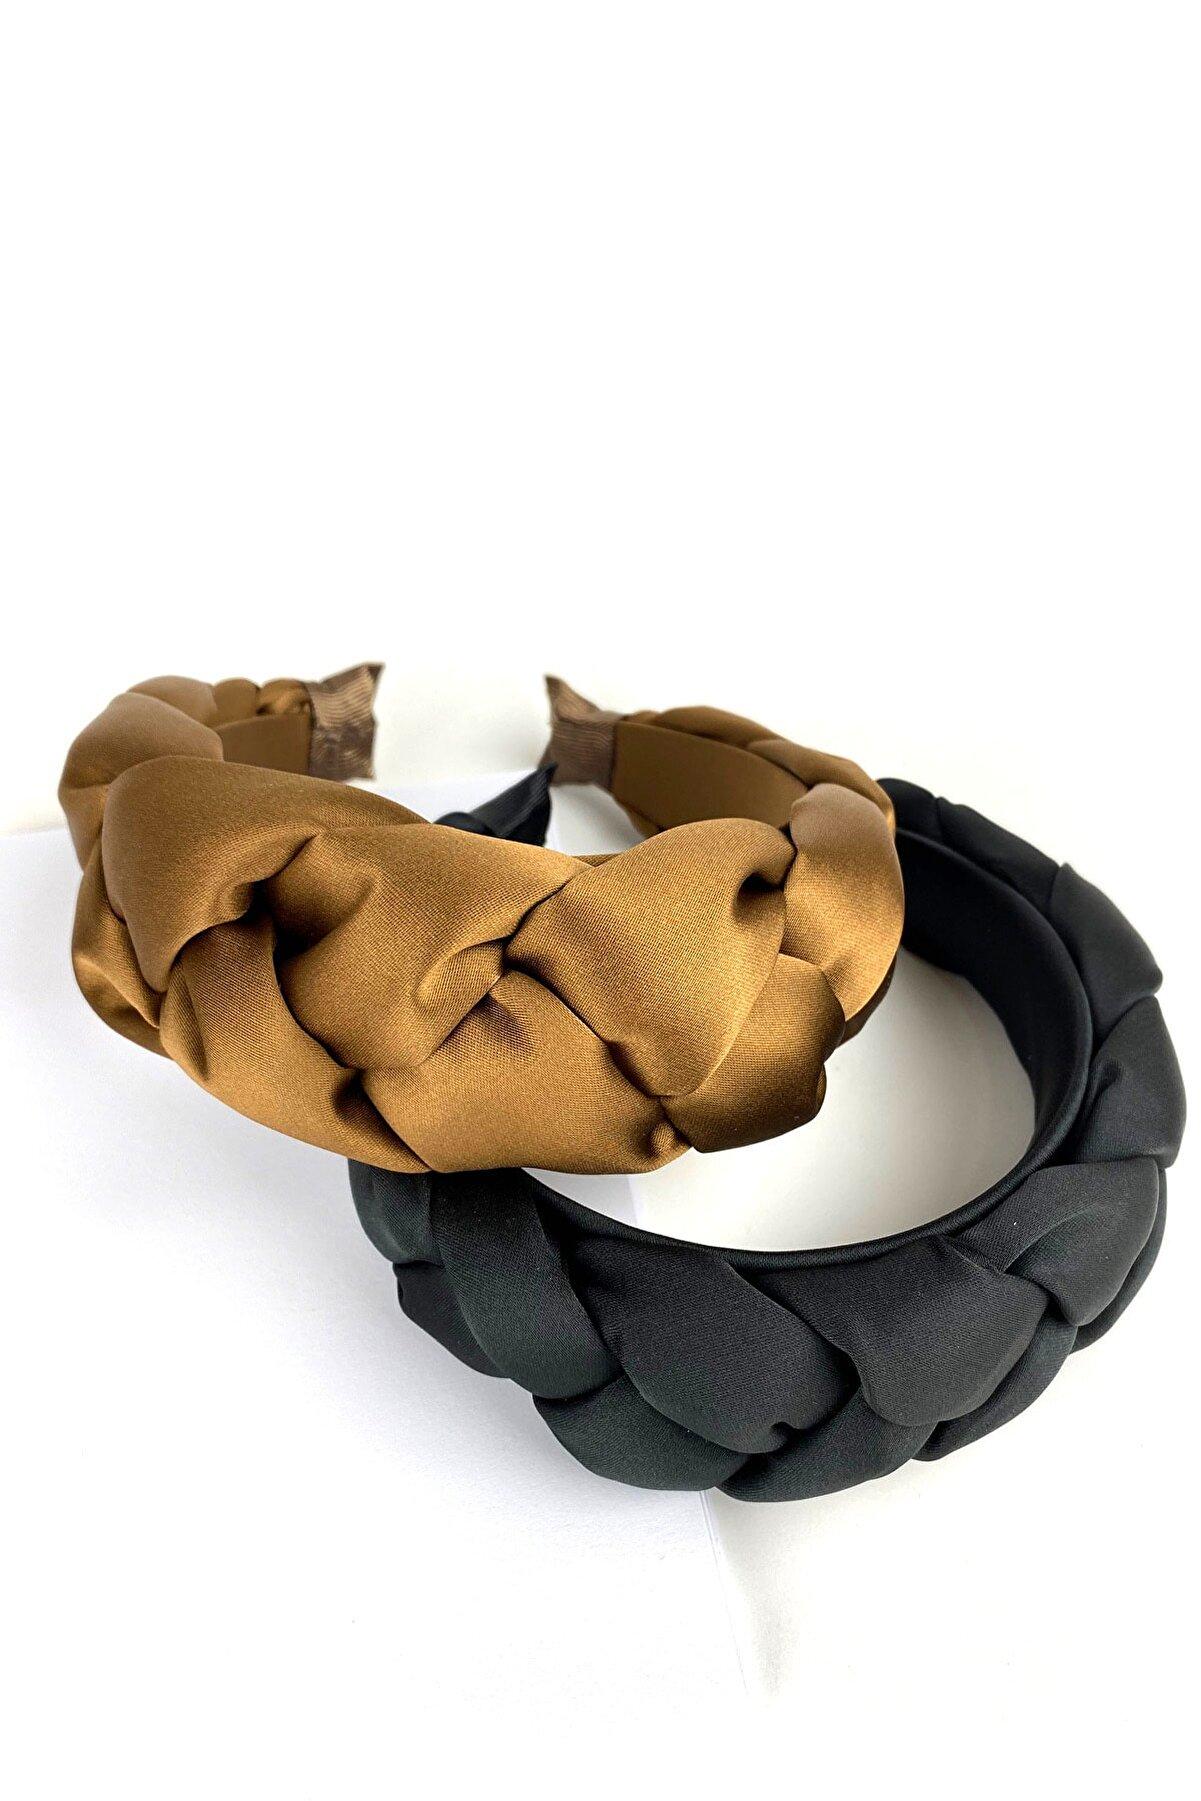 BYHELS Kadın Siyah Ve Bronz Renk Lüx Örgülü Taç Saç Bandı Seti